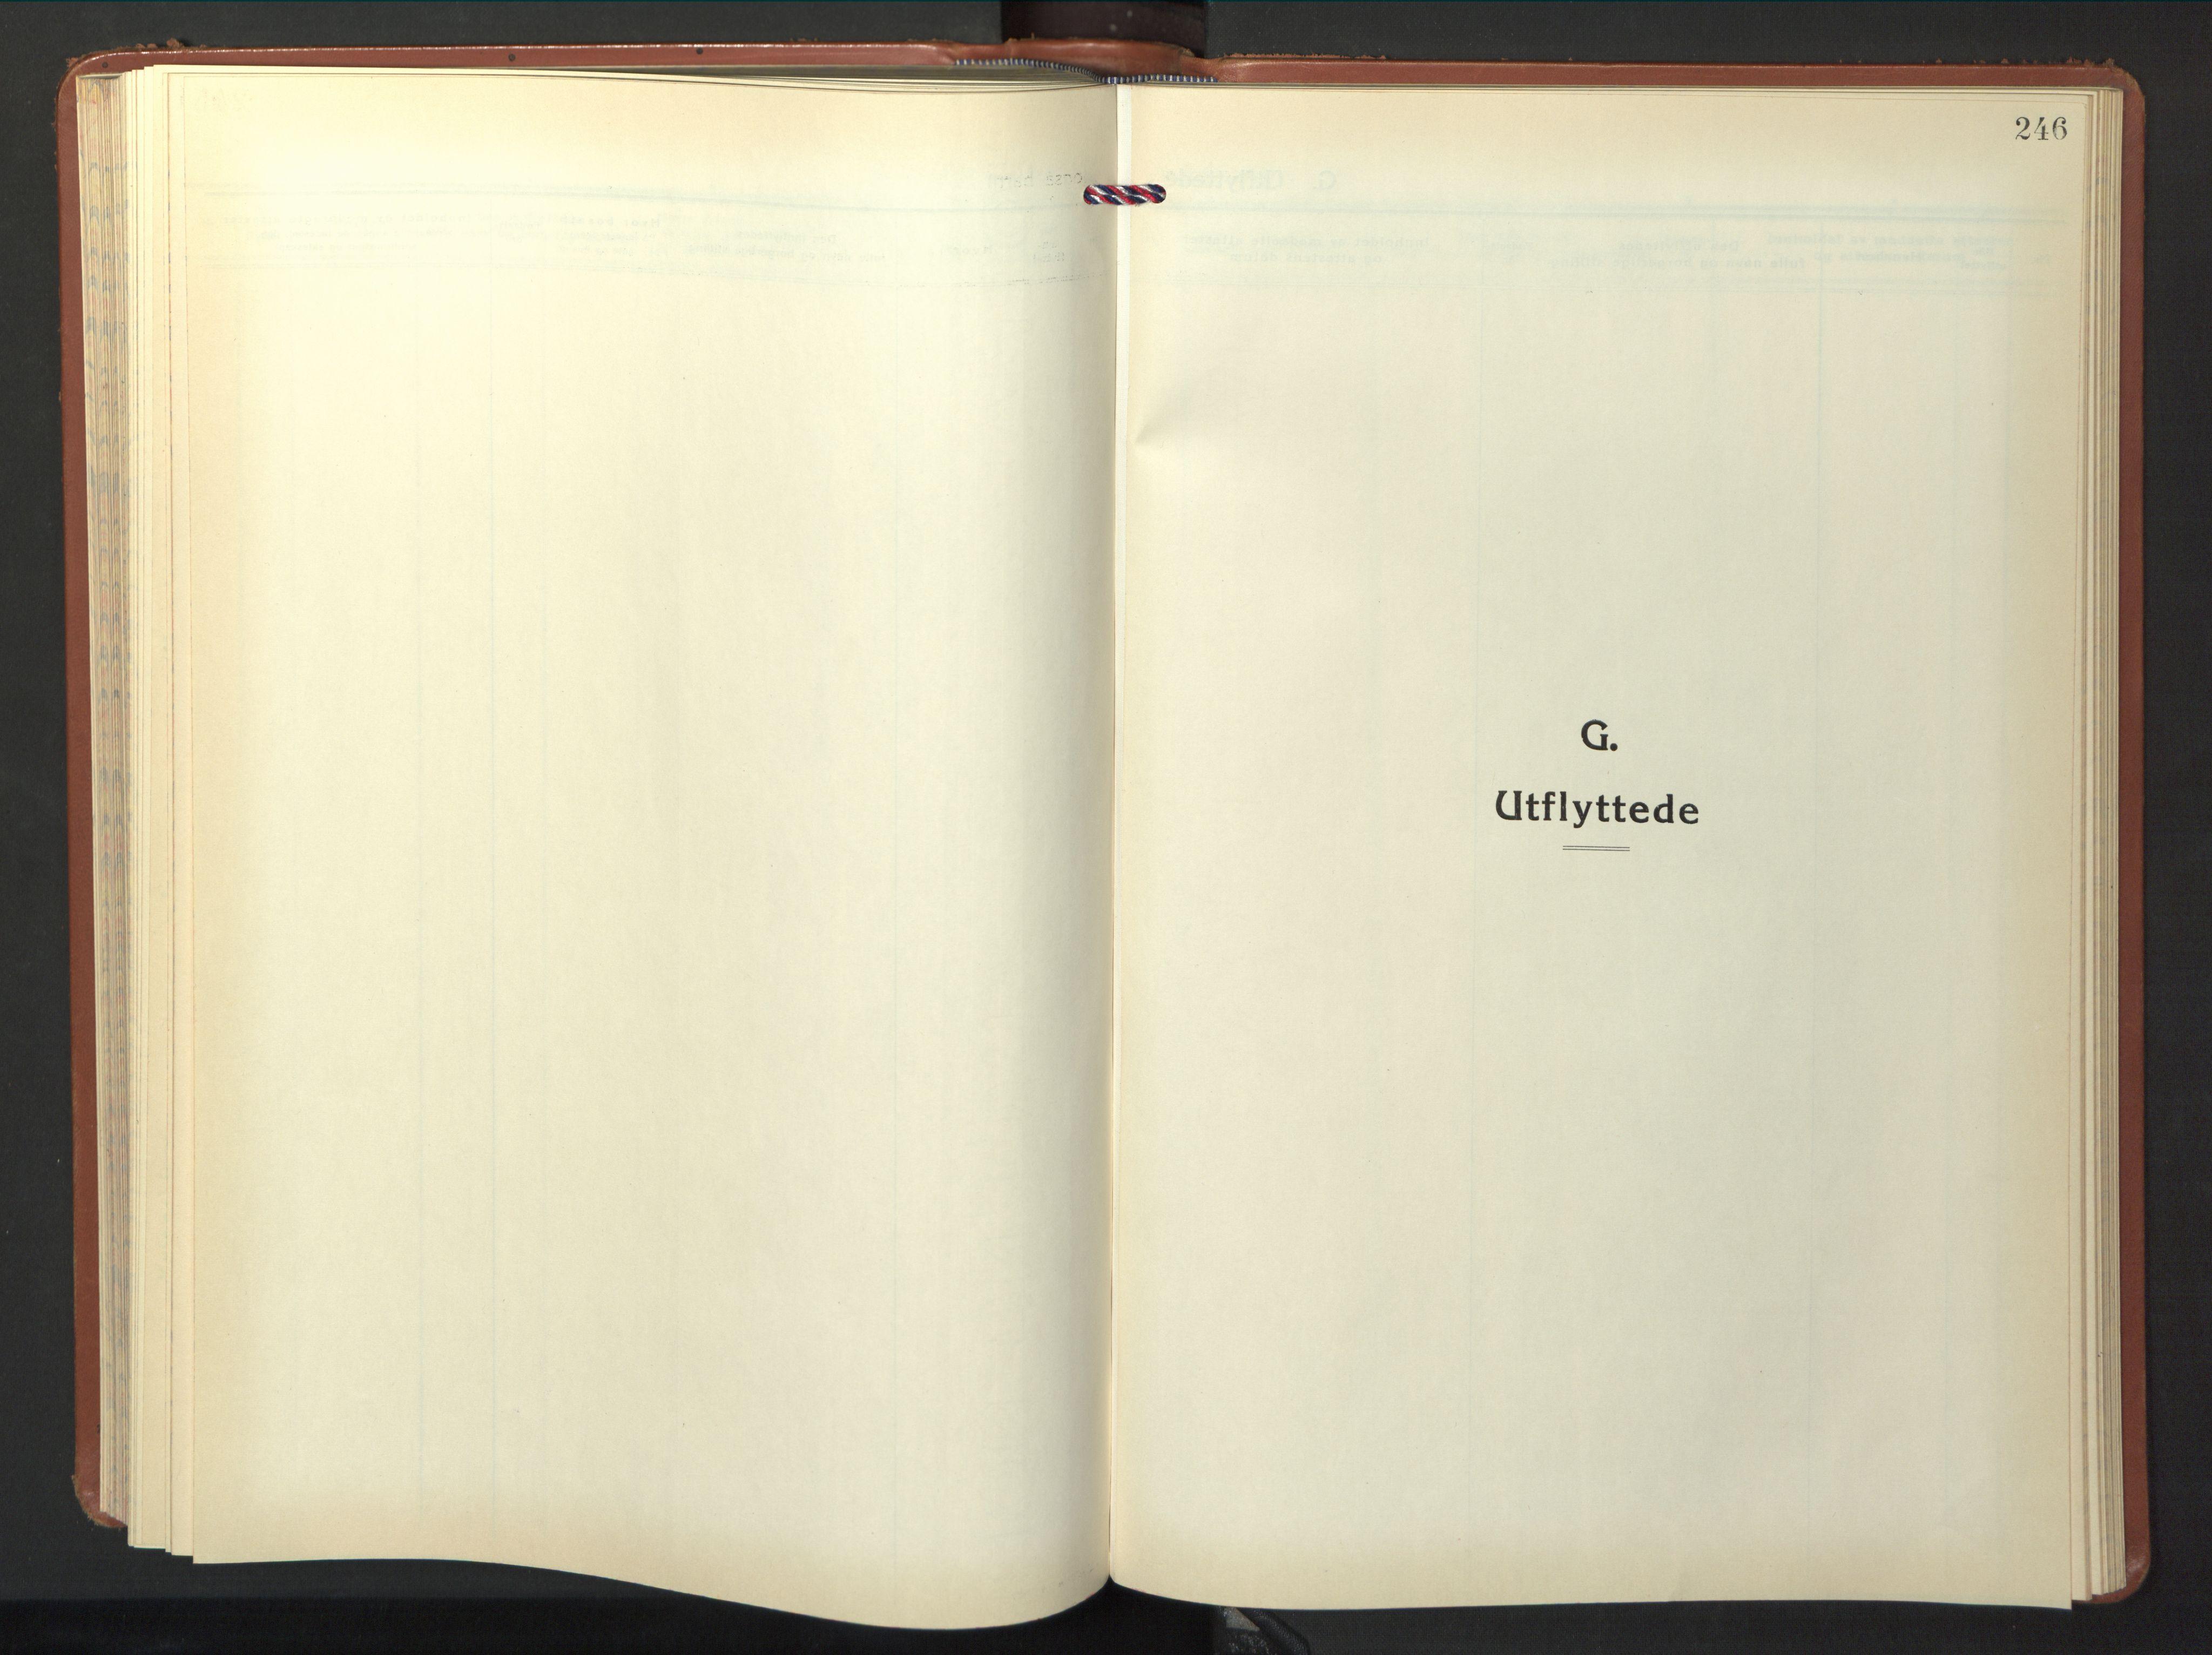 SAT, Ministerialprotokoller, klokkerbøker og fødselsregistre - Nord-Trøndelag, 774/L0631: Klokkerbok nr. 774C02, 1934-1950, s. 246